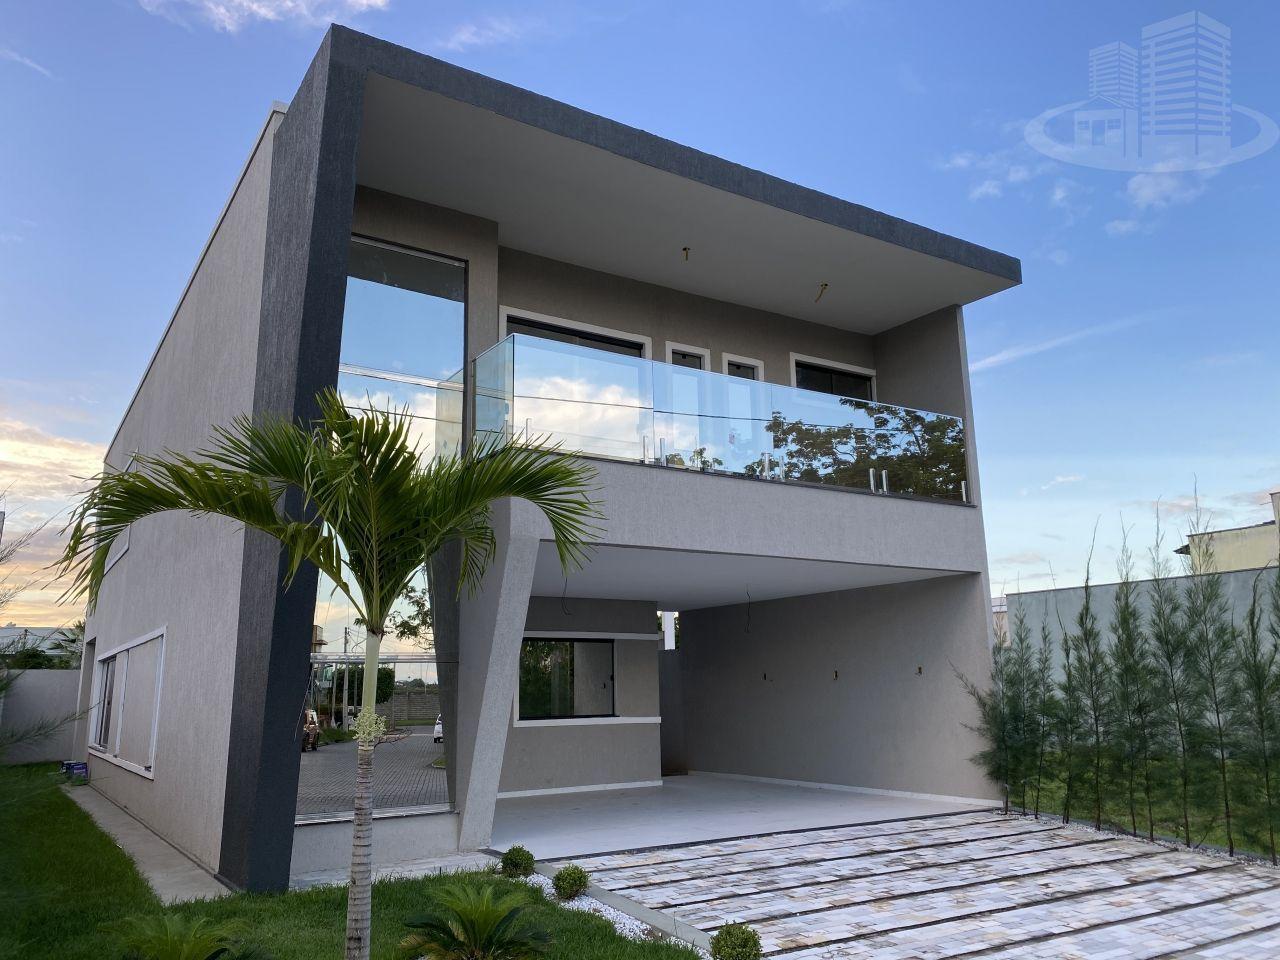 Casa em condomínio com 4 Dormitórios à venda, 210 m² por R$ 850.000,00